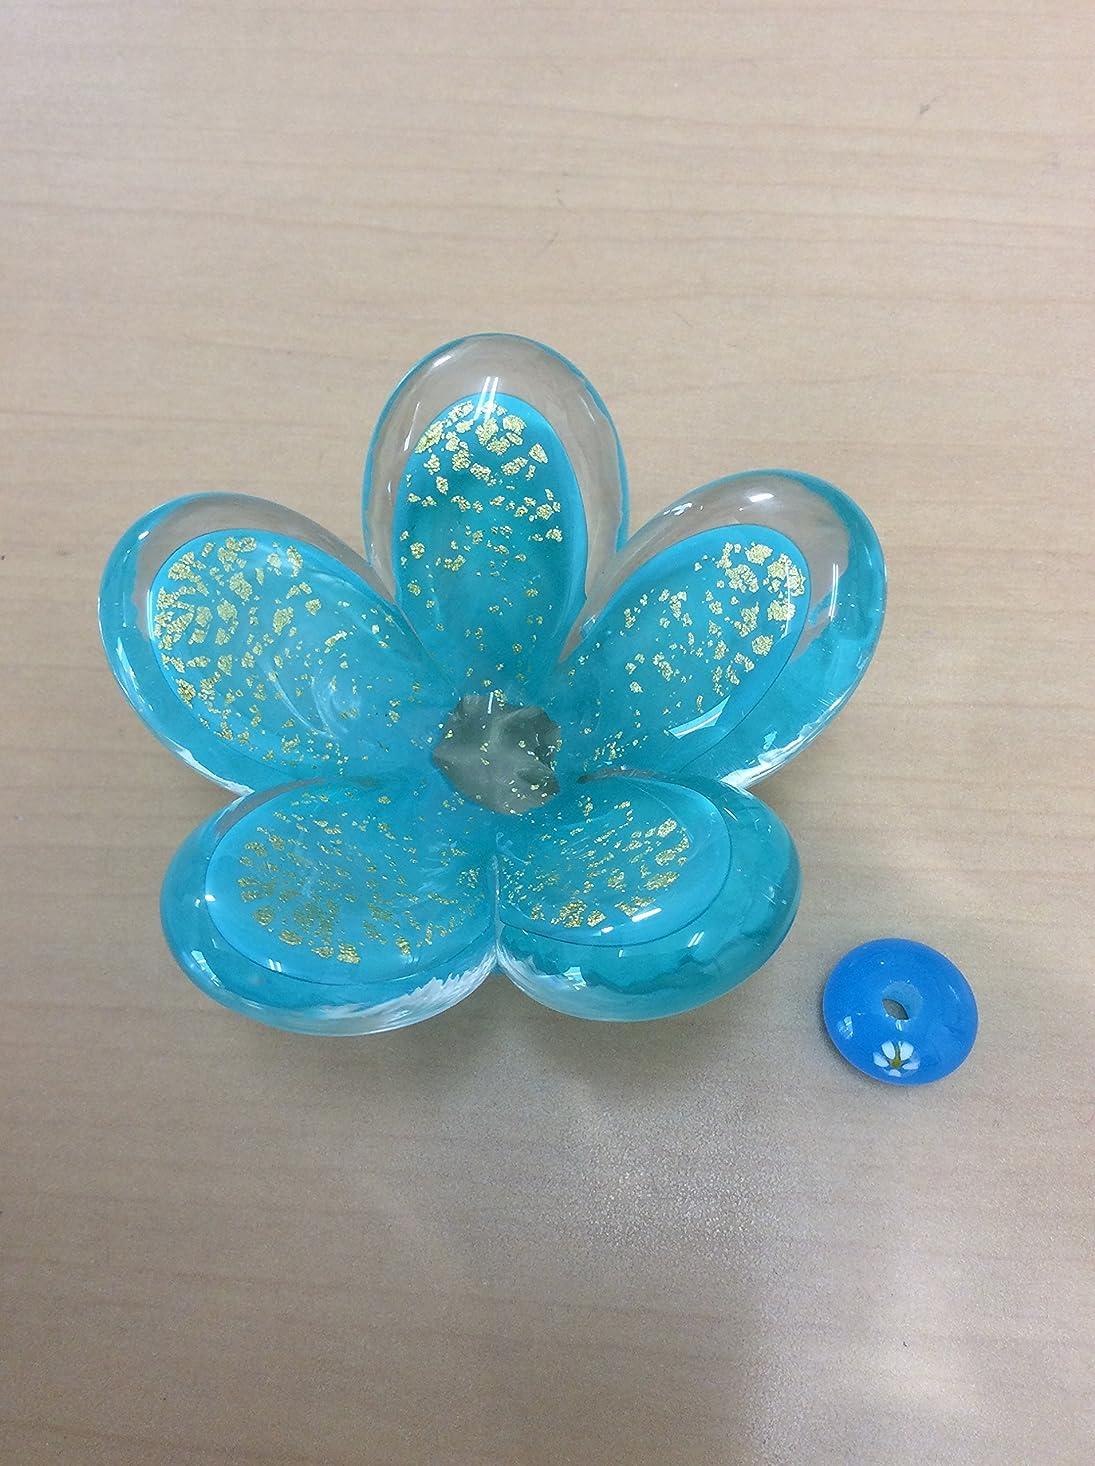 不当残る有効ガラスのお香立てセット 華香台(ブルー) 【HK-17】